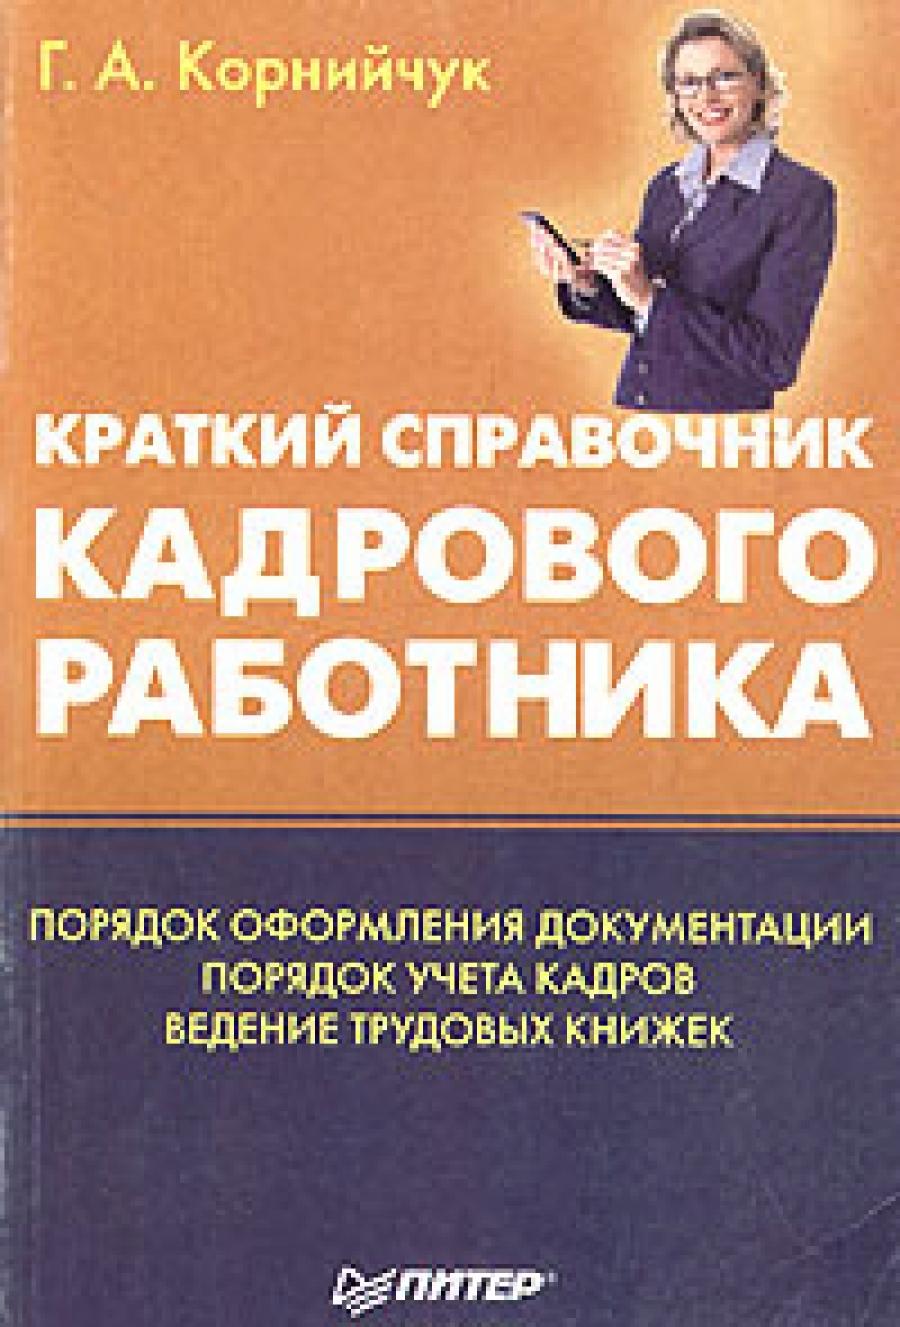 Обложка книги:  корнийчук г.а. - краткий справочник кадрового работника.